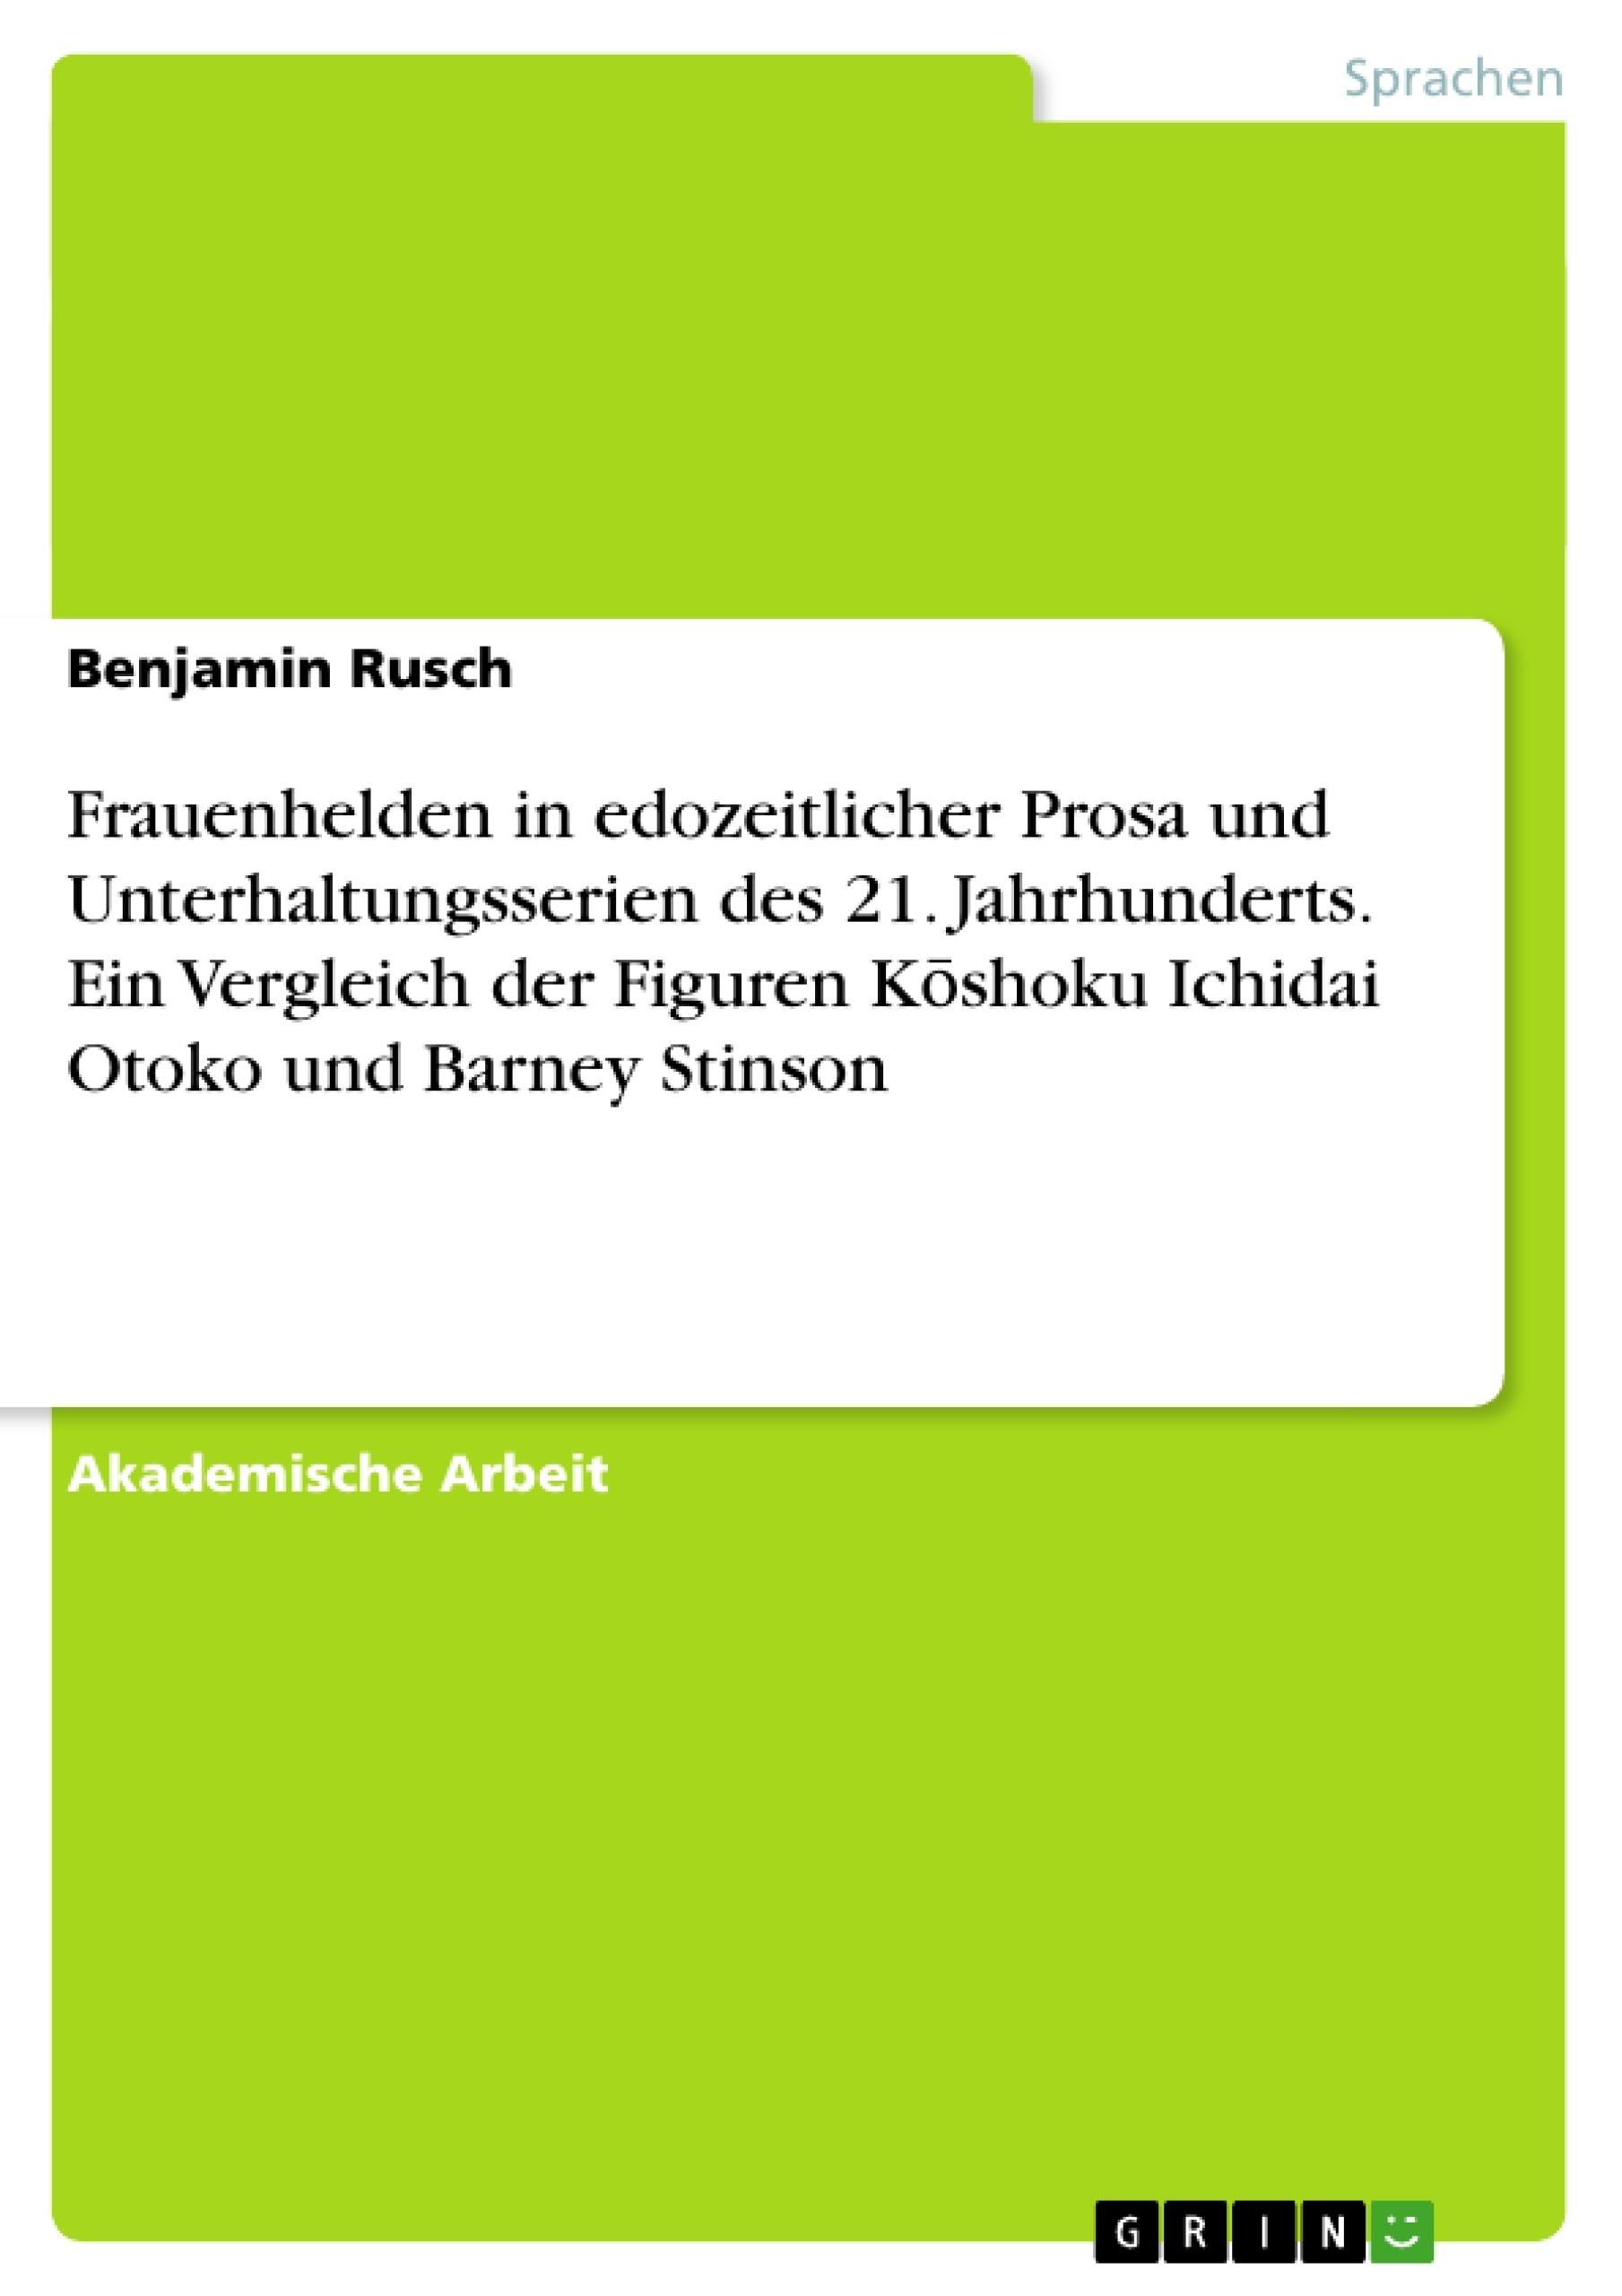 Titel: Frauenhelden in edozeitlicher Prosa und Unterhaltungsserien des 21. Jahrhunderts. Ein Vergleich der Figuren Kōshoku Ichidai Otoko und Barney Stinson